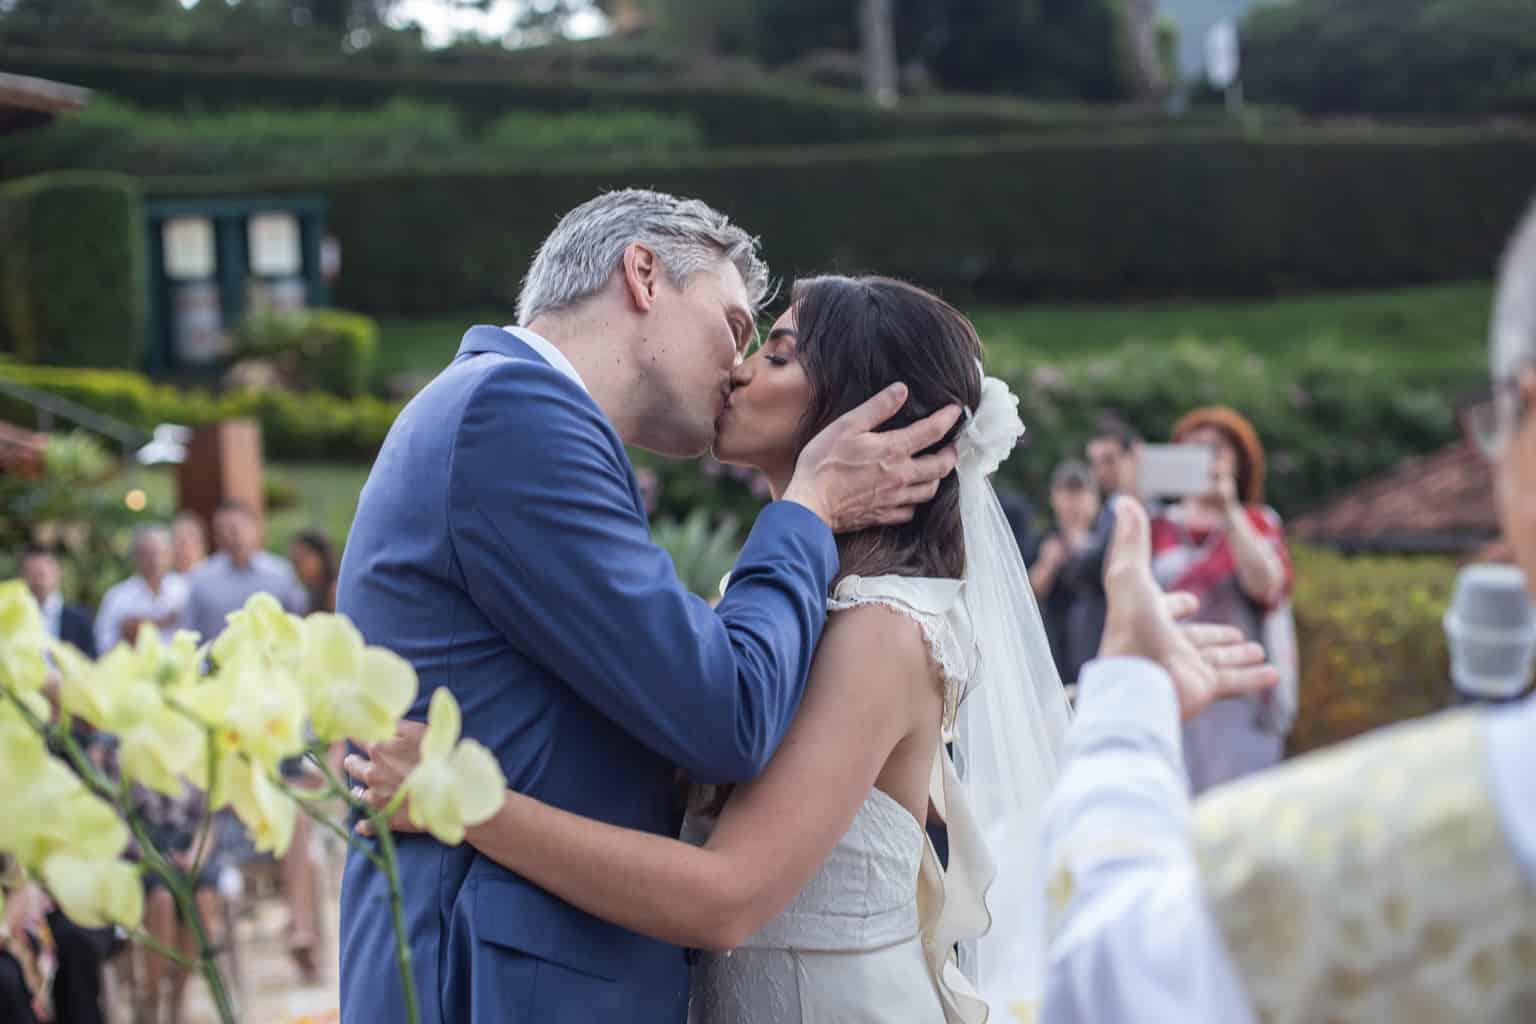 beijo-do-casal-casamento-na-serra-cerimonia-ao-ar-livre-Fotografia-Laura-Campanella-graviola-filmes-Juliana-e-Sebastian-noivos-no-altar-Pousada-La-Belle-Bruna230